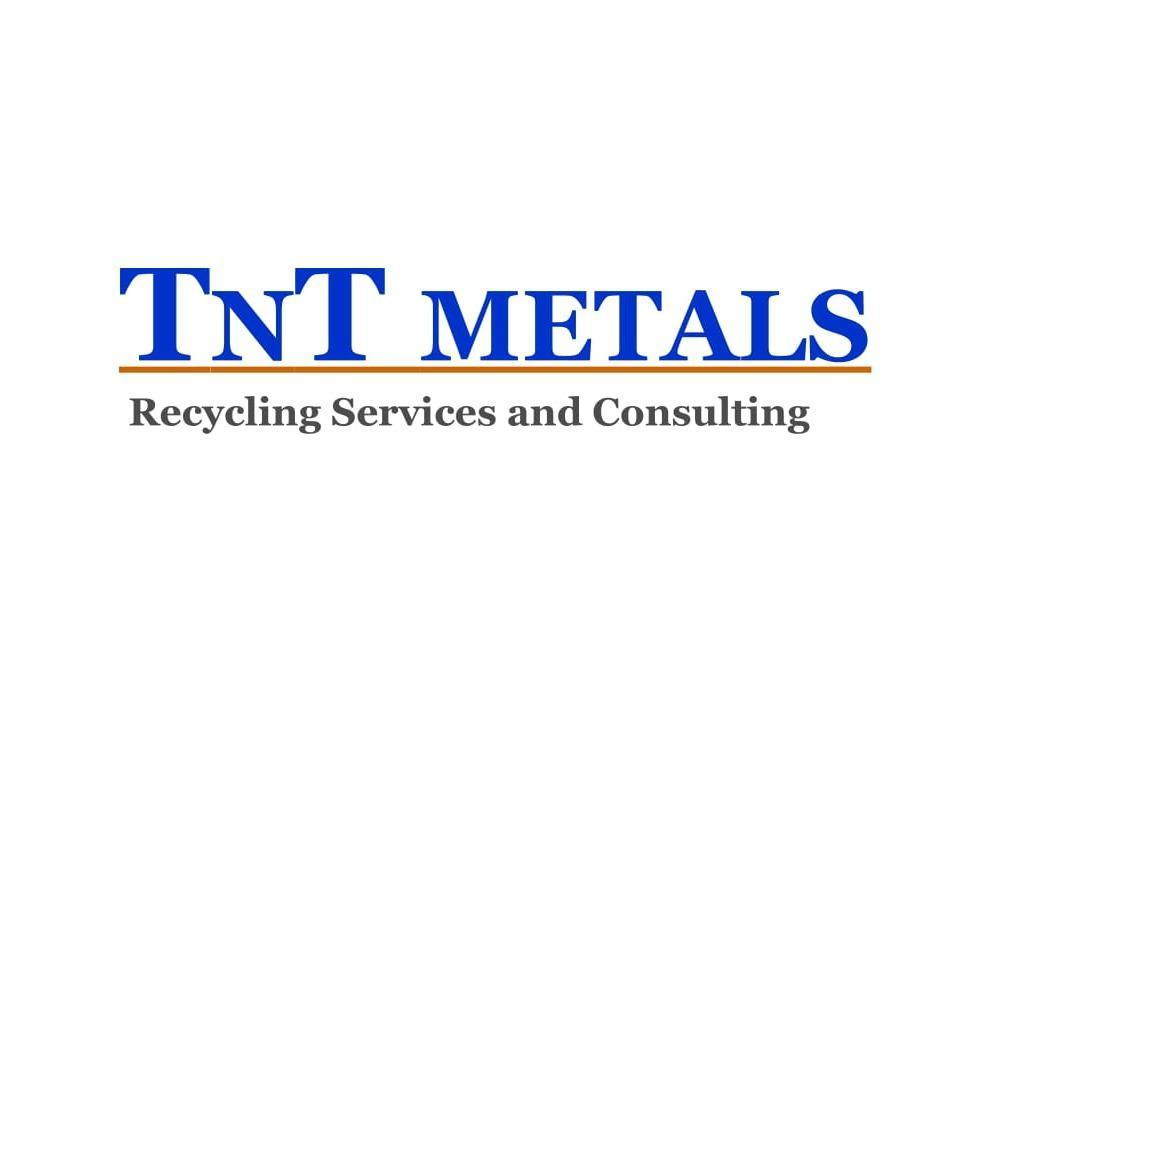 TNT Metals